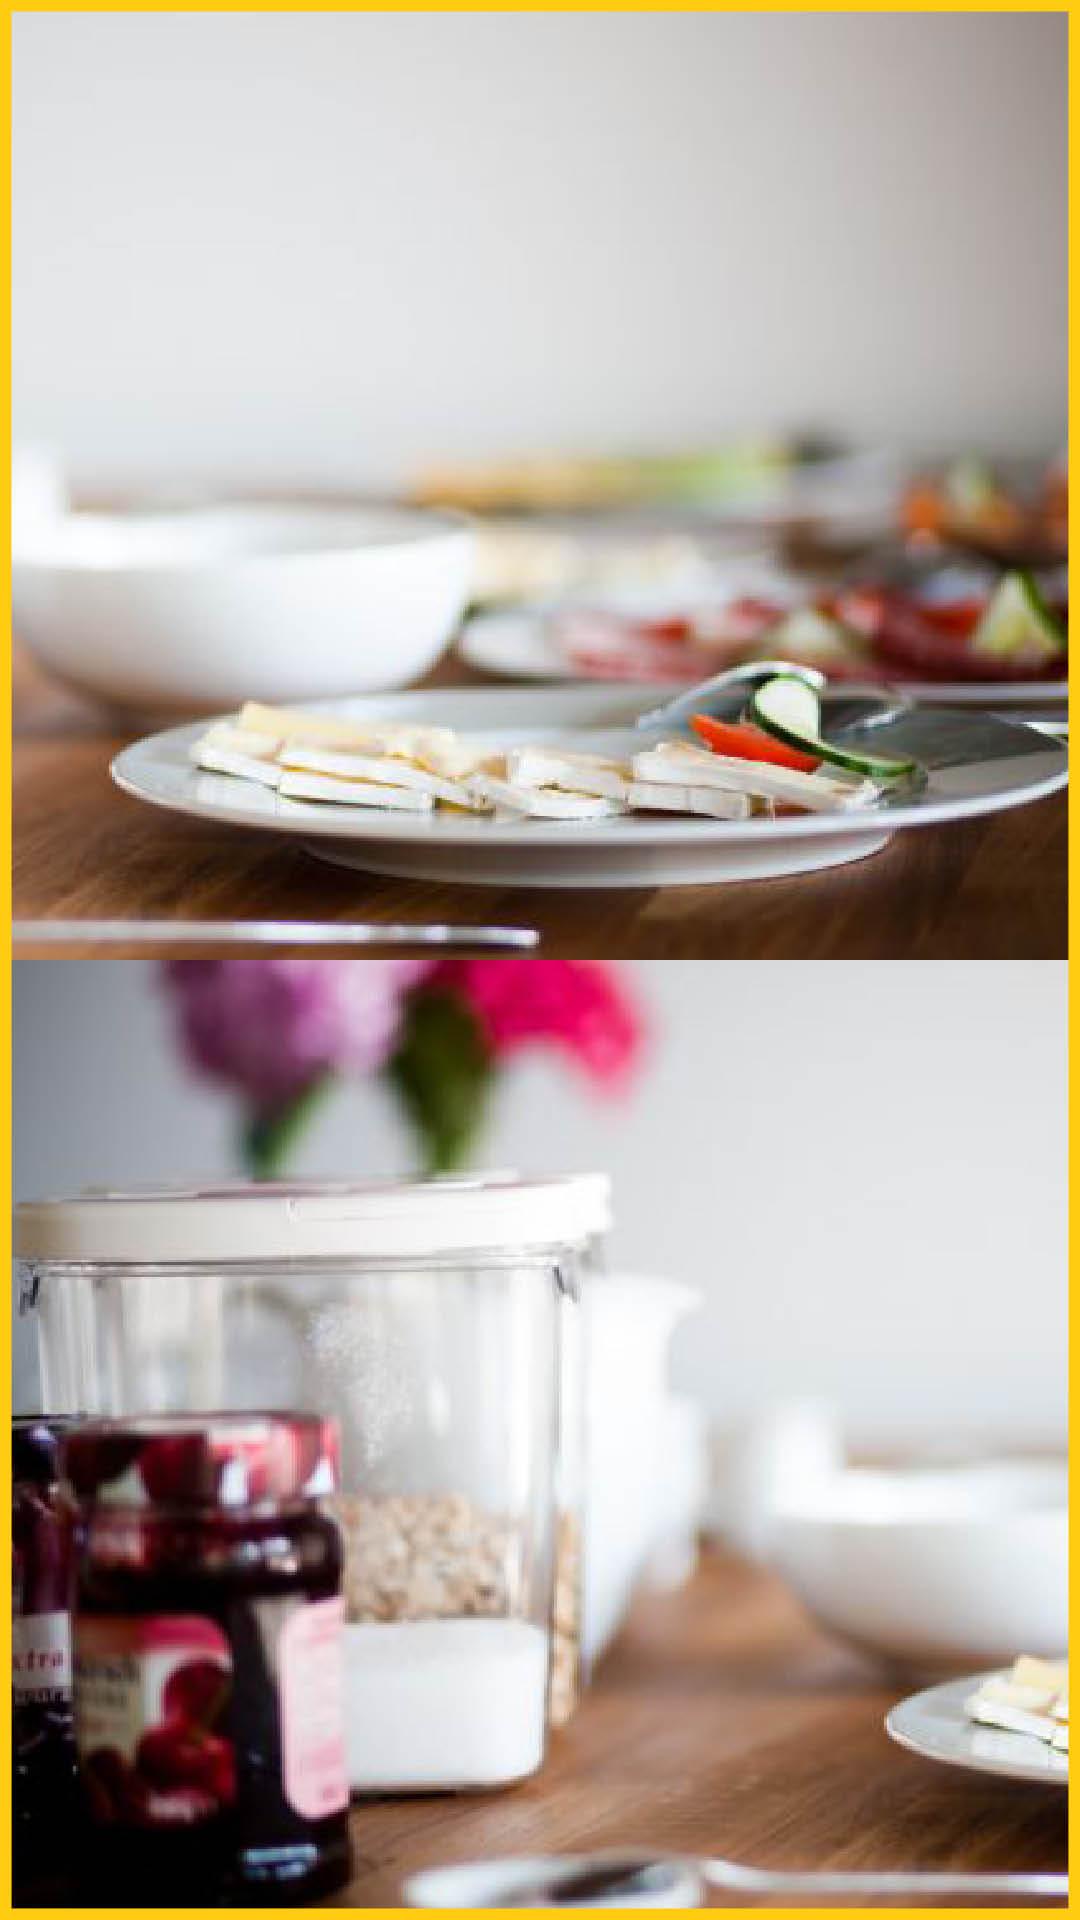 Käse- und Wurstplatten, Marmelade und Flakes als Frühstücksangebot im velo inn Bad Berka auf dem Ilmtalradweg durchgeführt vom Werra Bikes